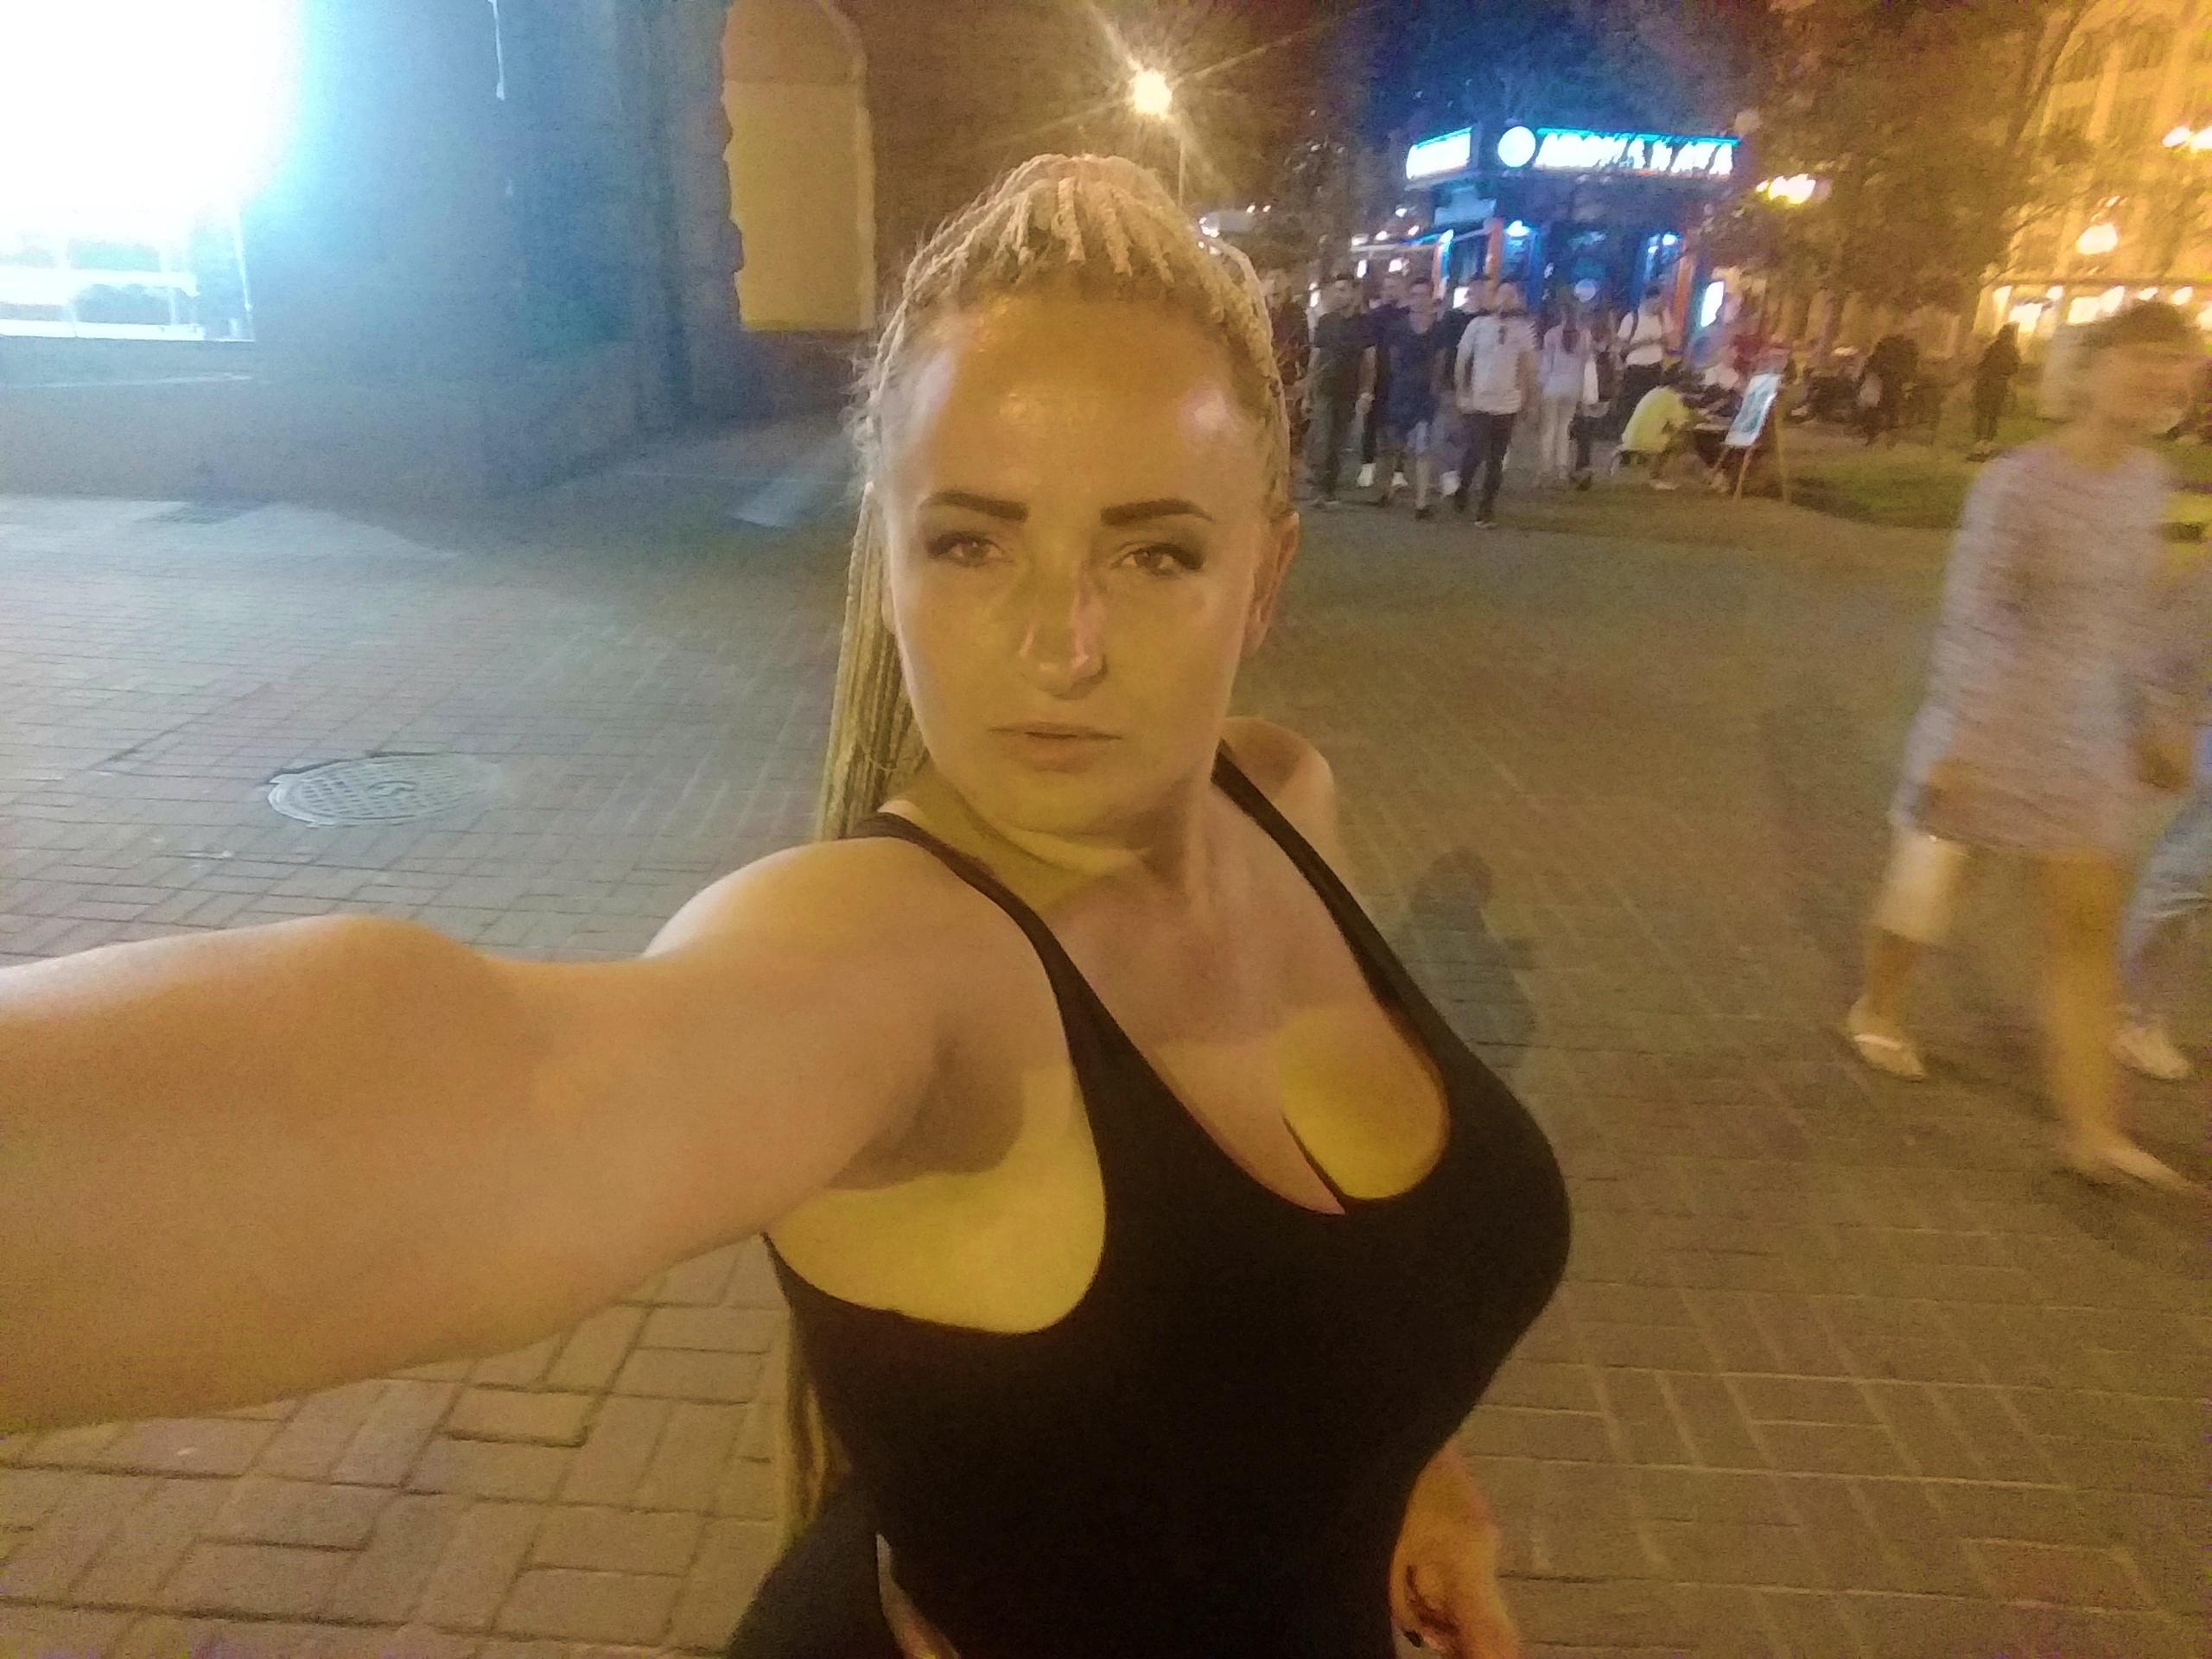 Елена Руденко (Валтея). Украина. Киев. Фото и описание.  - Страница 2 9FJluT-AhS8